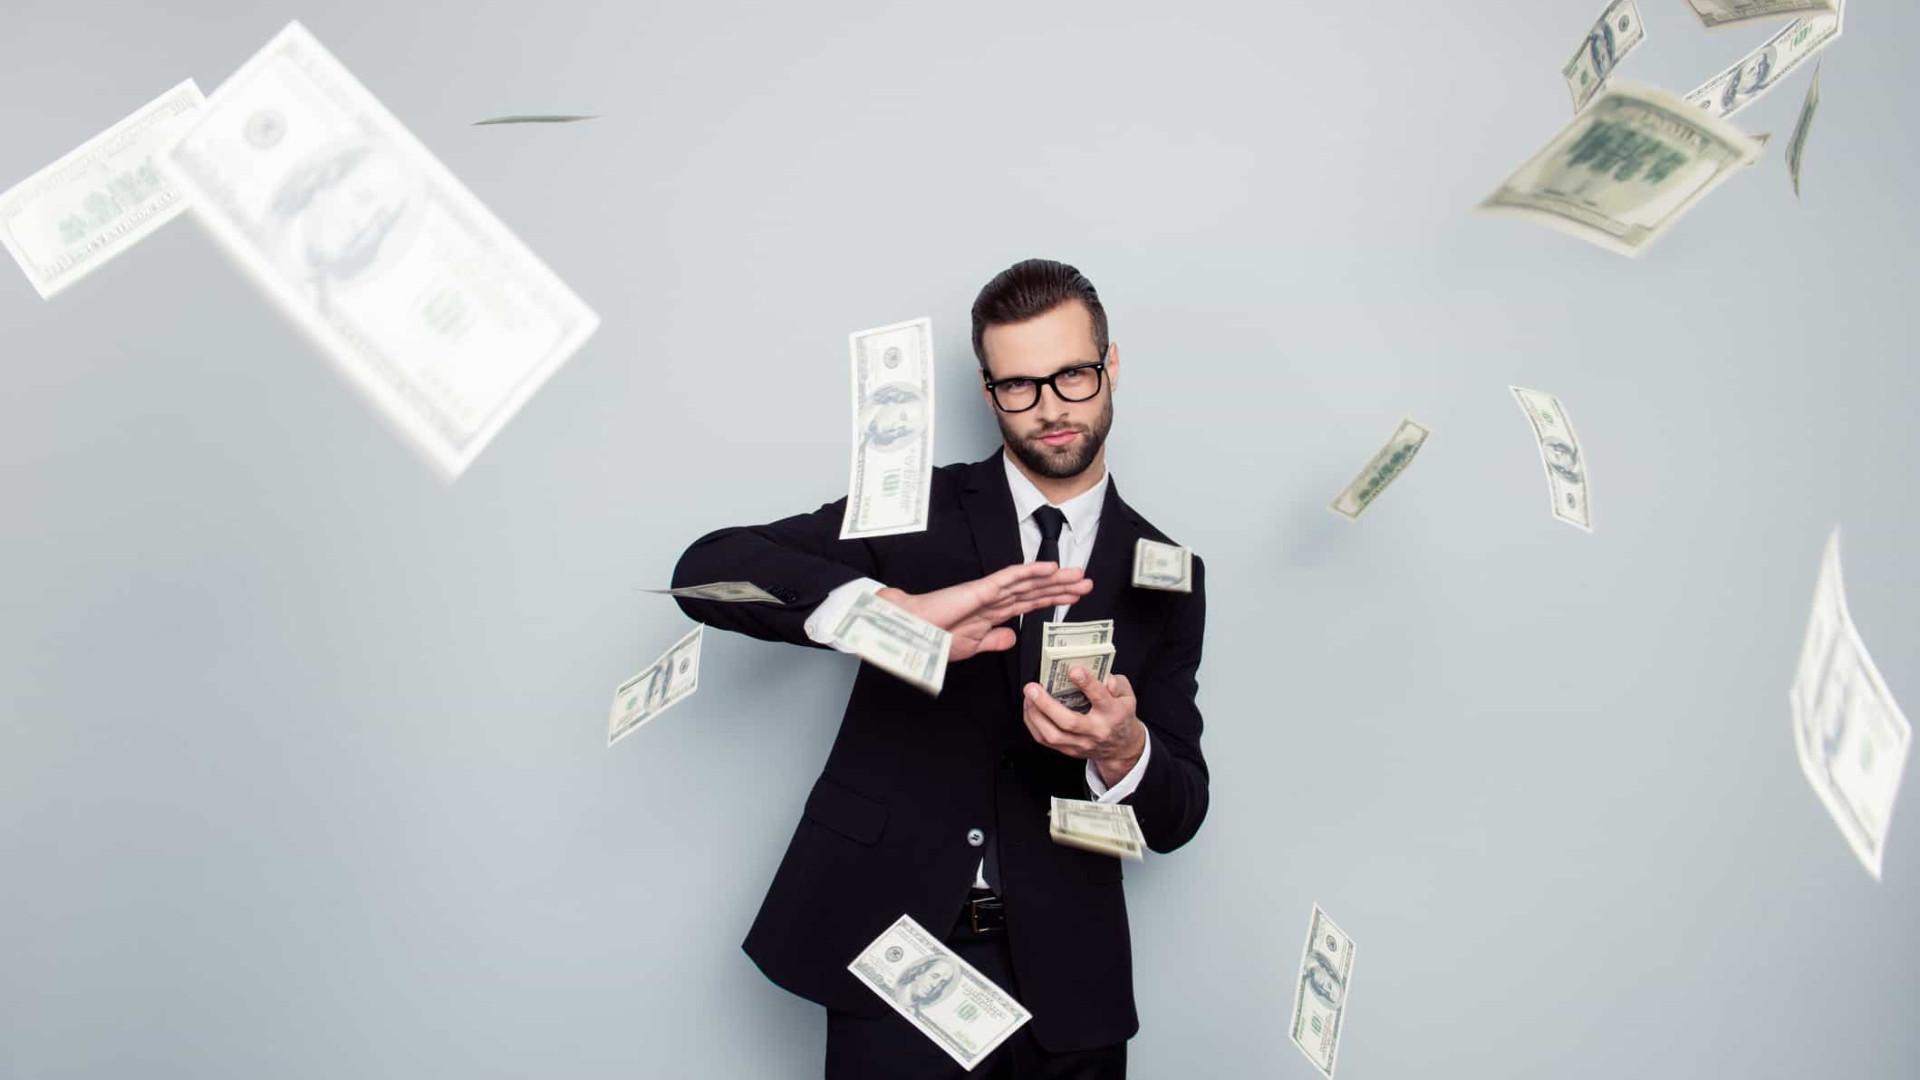 Estas são as 10 marcas mais valiosas do mundo